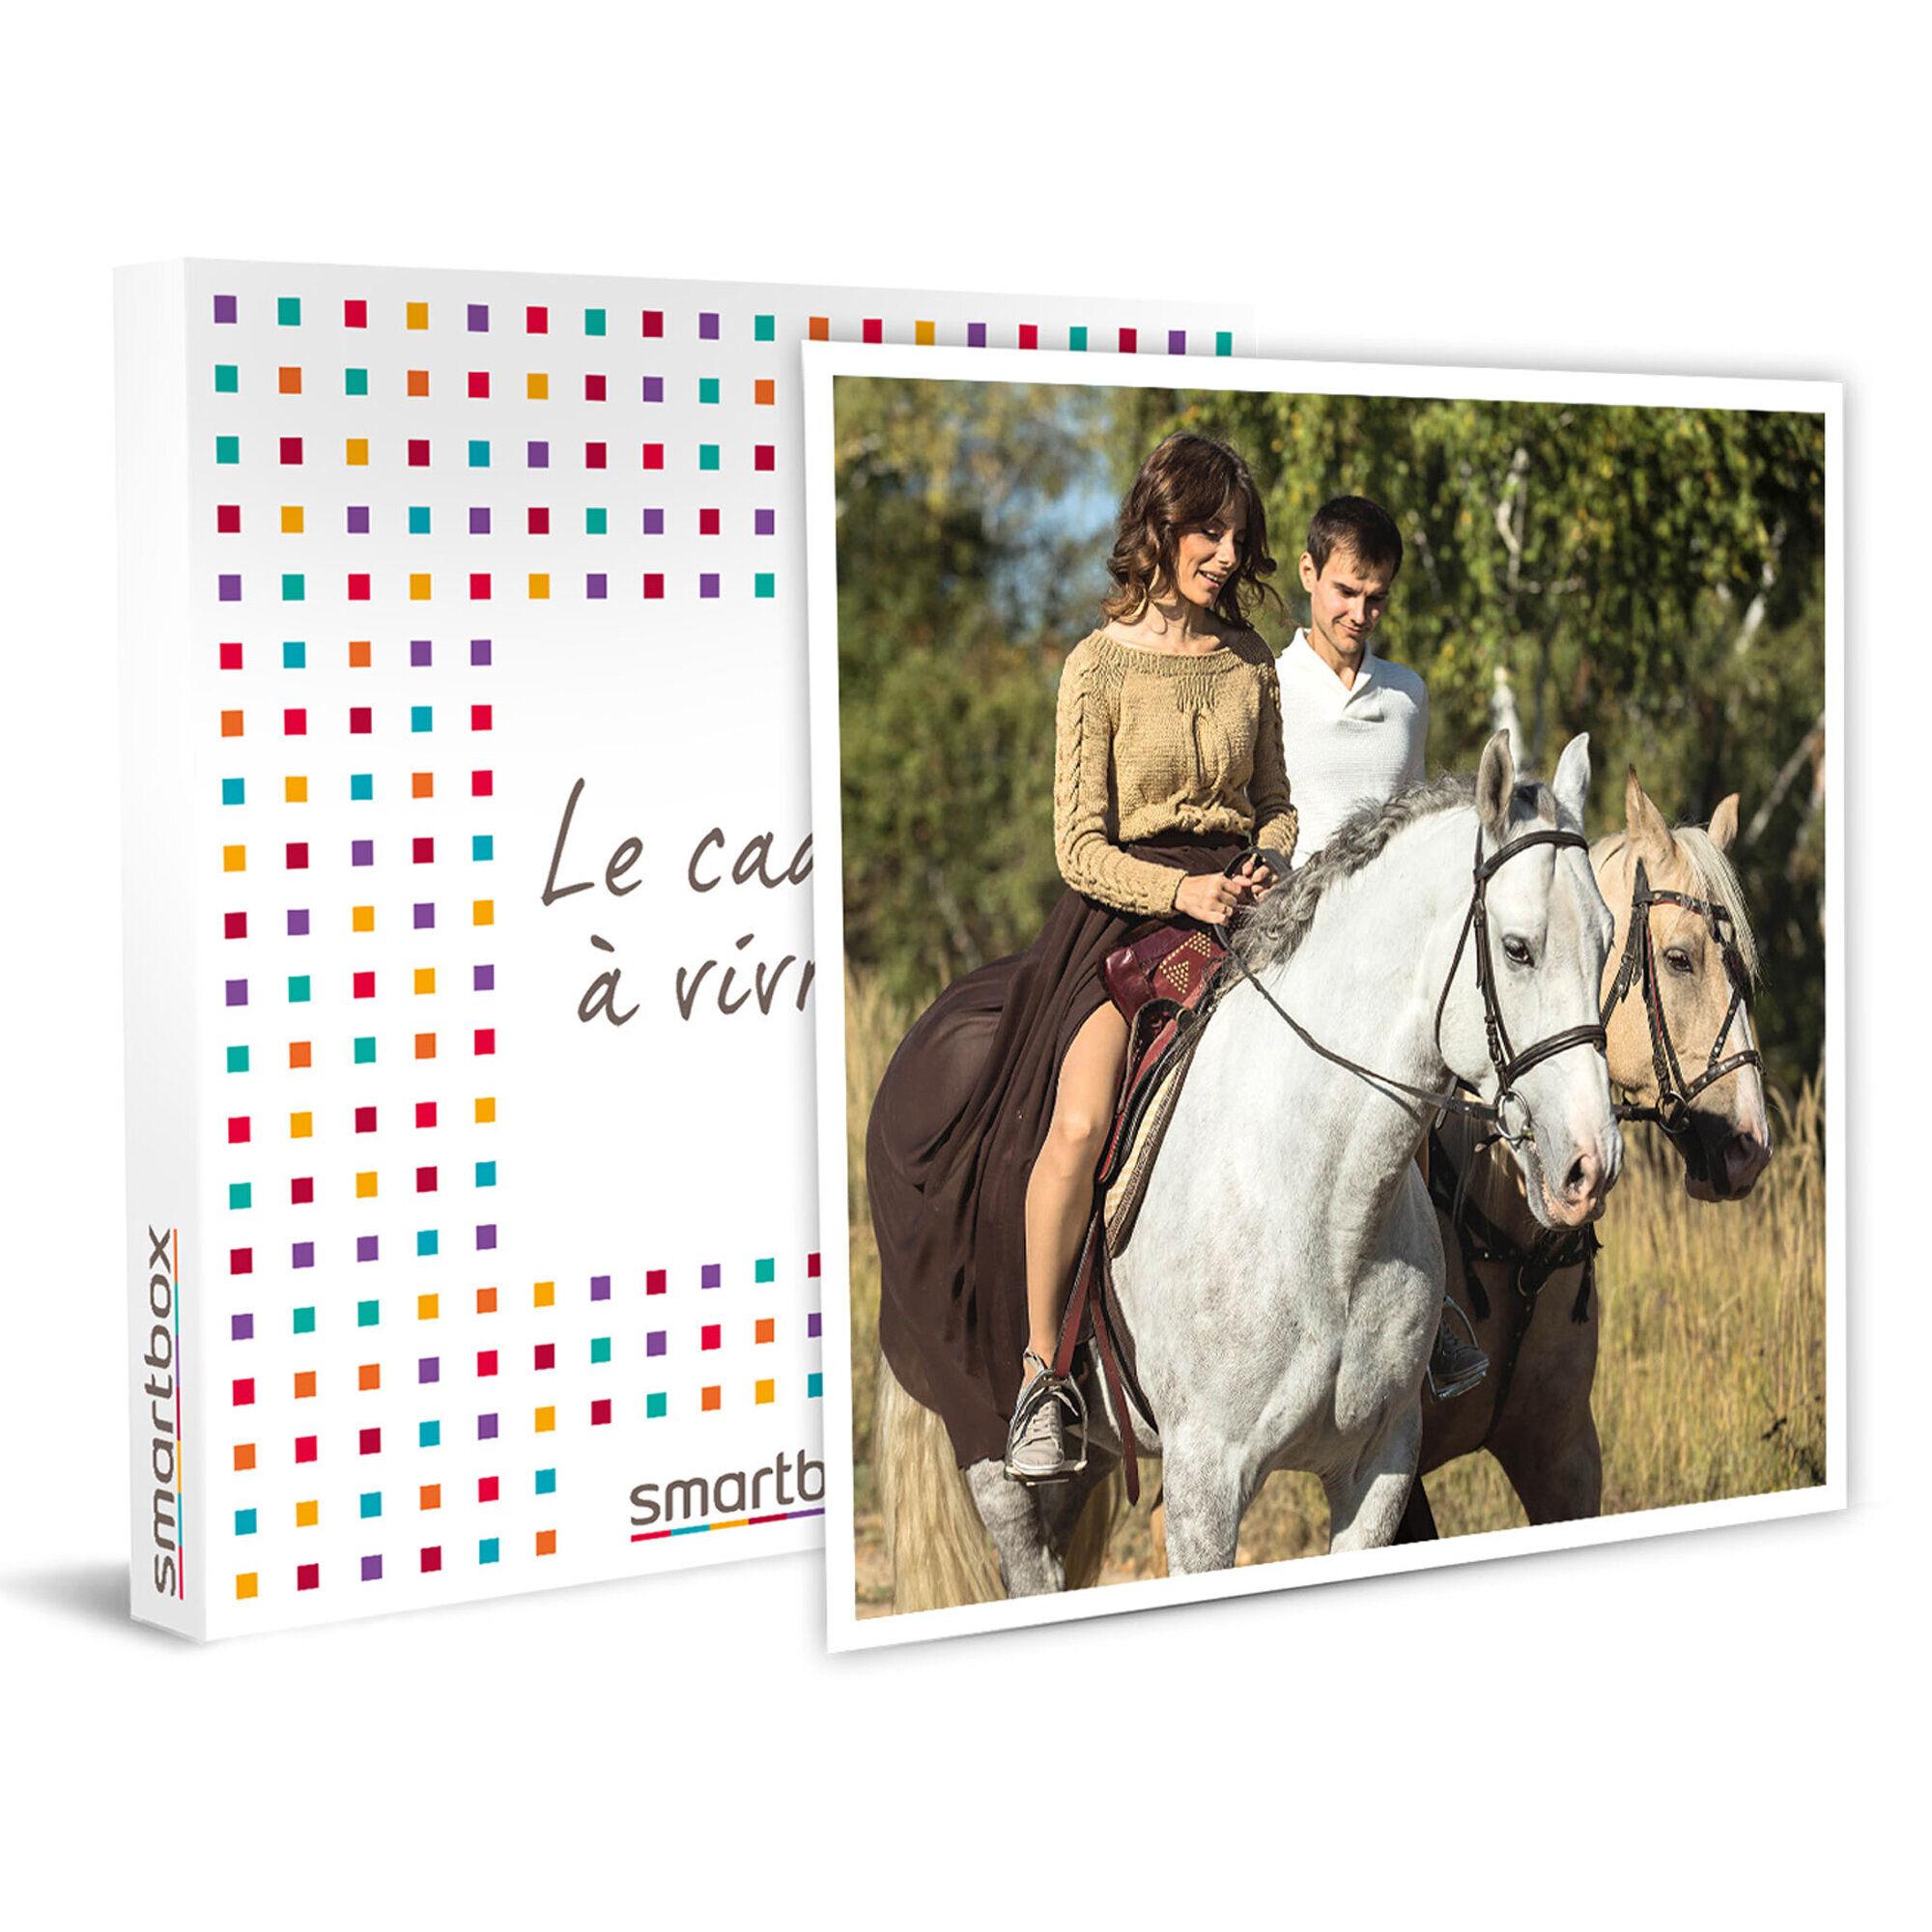 Smartbox Séjour de 1 nuit avec petit-déjeuner et 1 balade à cheval en France en duo Coffret cadeau Smartbox